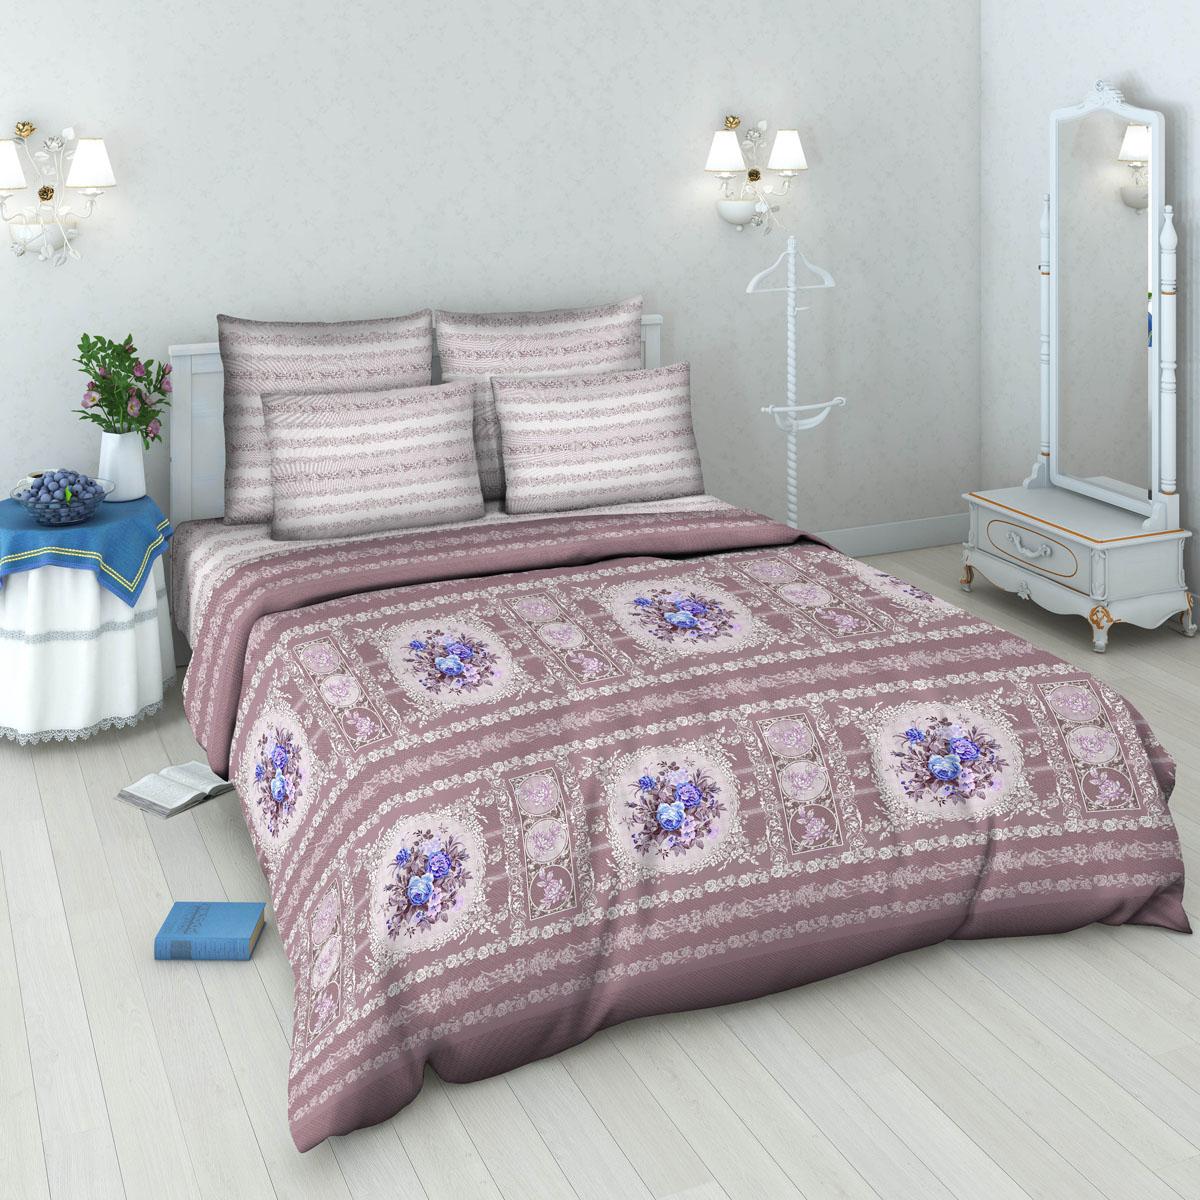 Комплект белья Василиса, 1,5-спальный, наволочки 70х70. 5378_2/1,55378_2/1,5Комплект постельного белья Василиса состоит из пододеяльника, простыни и двух наволочек. Белье производится из высококачественной бязи (100% хлопка). Использование особо тонкой пряжи делает ткань мягче на ощупь, обеспечивает легкое глажение и позволяет передать всю насыщенность цветовой гаммы. Благодаря более плотному переплетению нитей и использованию высококачественных импортных красителей постельное белье выдерживает до 70 стирок. Приобретая комплект постельного белья Василиса, вы можете быть уверены в том, что покупка доставит вам удовольствие и подарит максимальный комфорт.